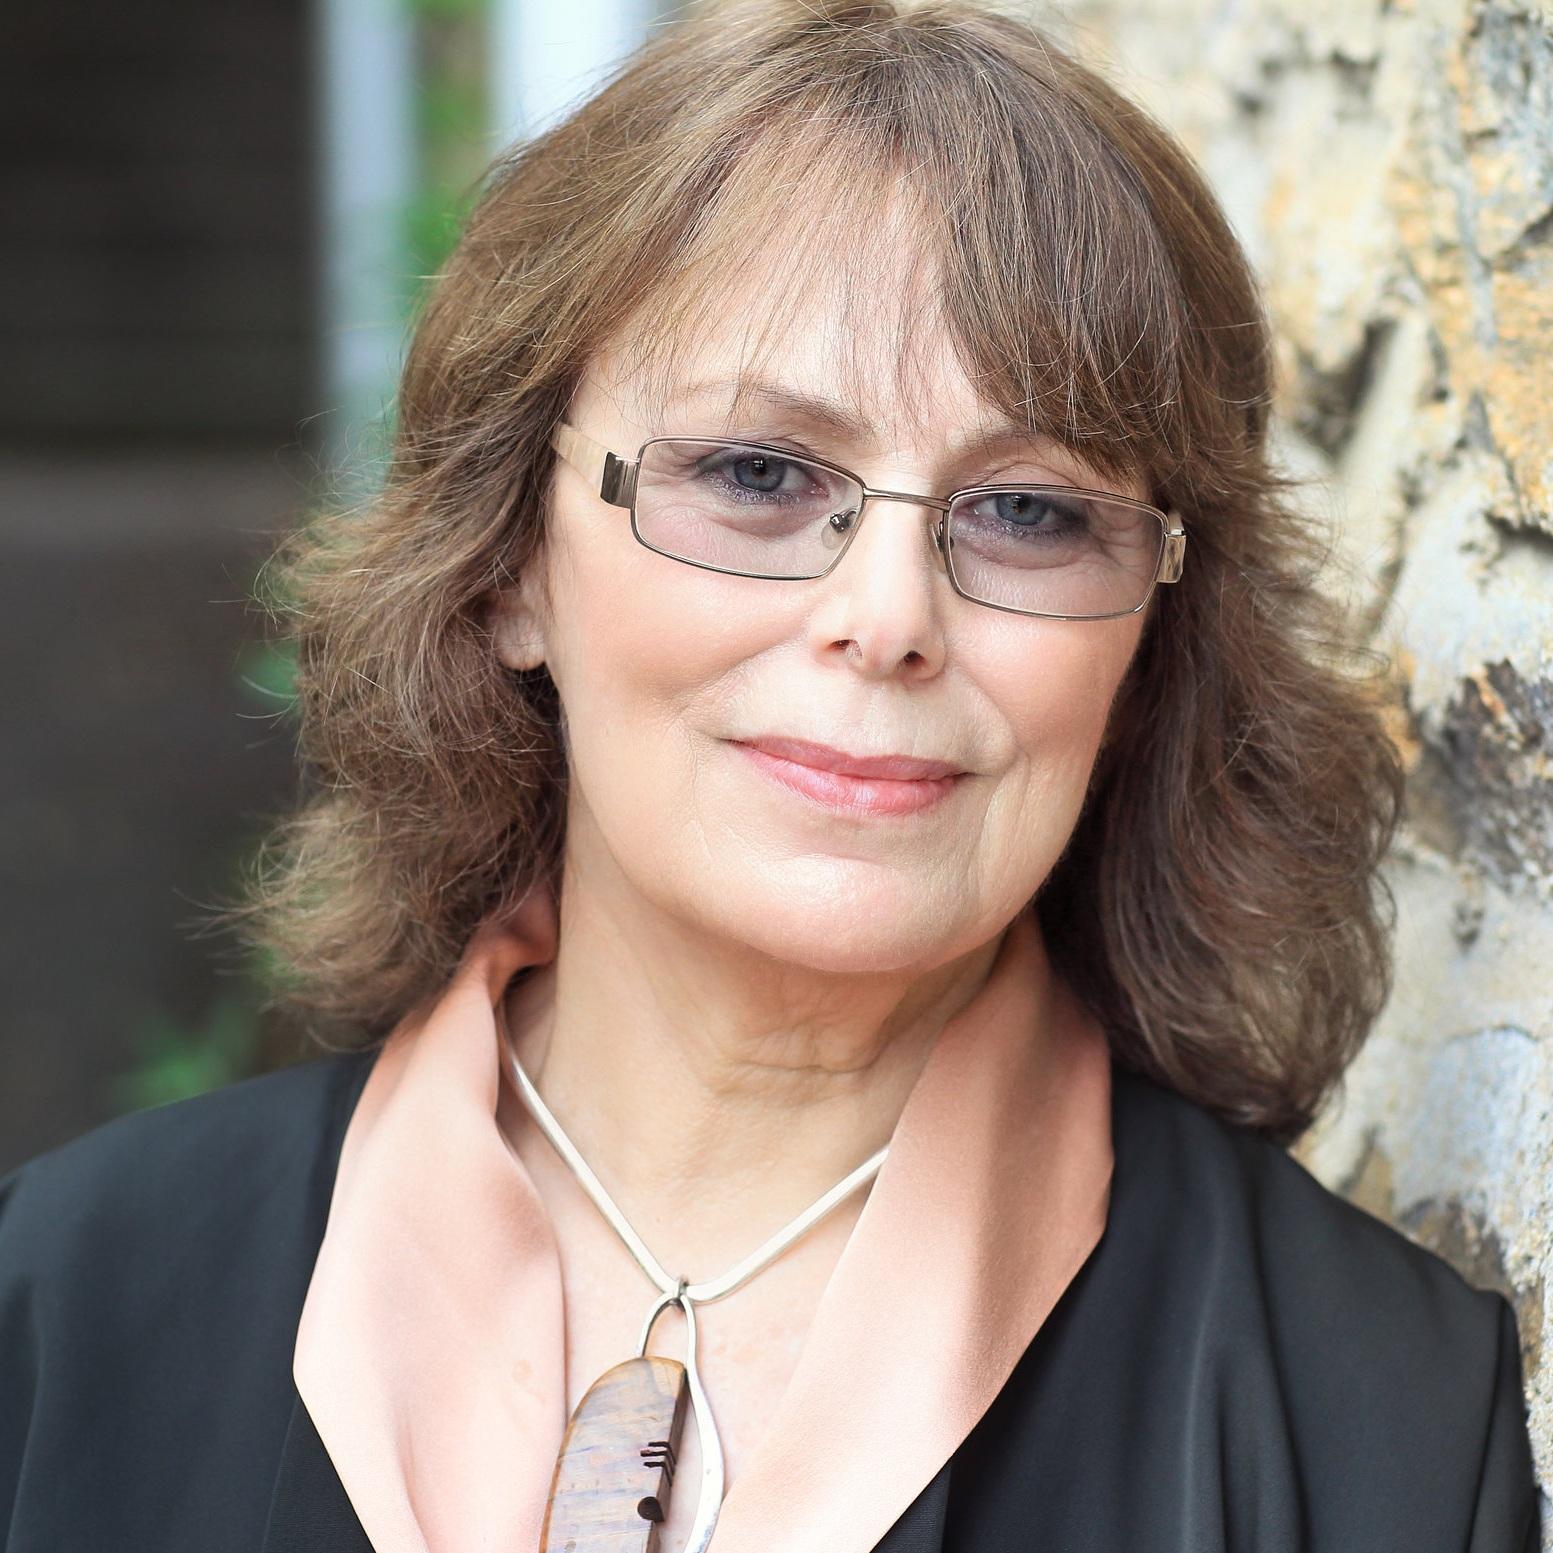 Victoria McGillin